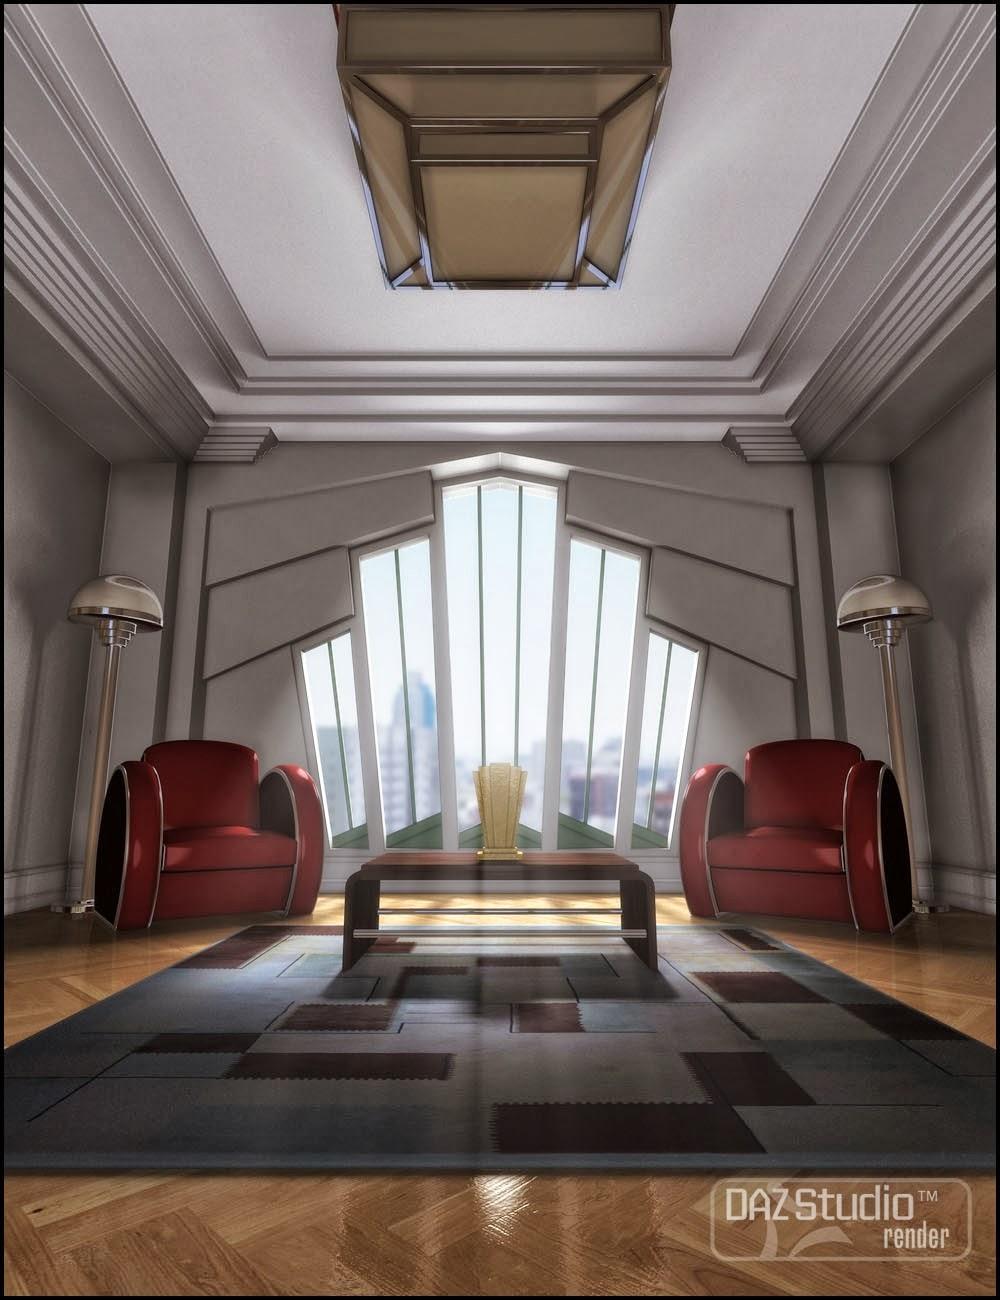 Deco studio free 28 images daz studio 3 for free daz for Amnagement maison 3d